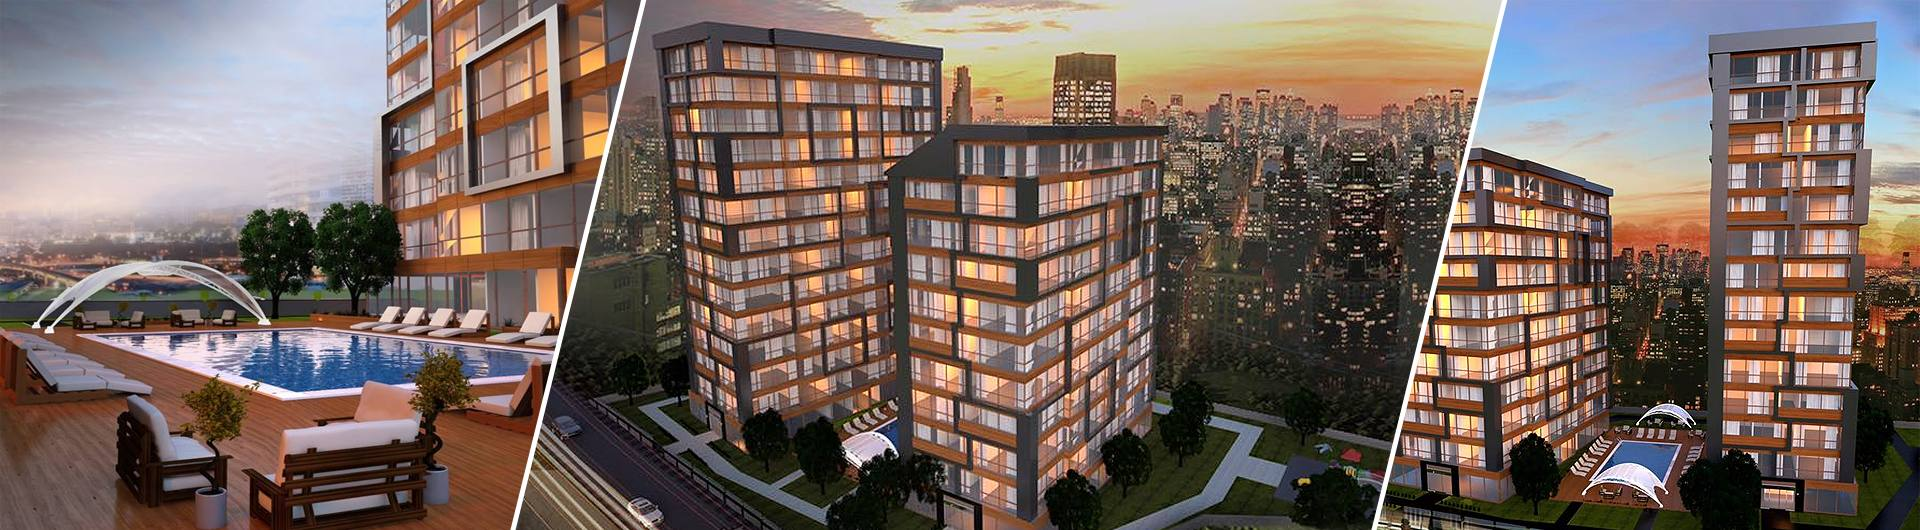 MTB İnşaat - Fatih Yıldız İnşaat East Park Residence Konut Projesi arkaplan